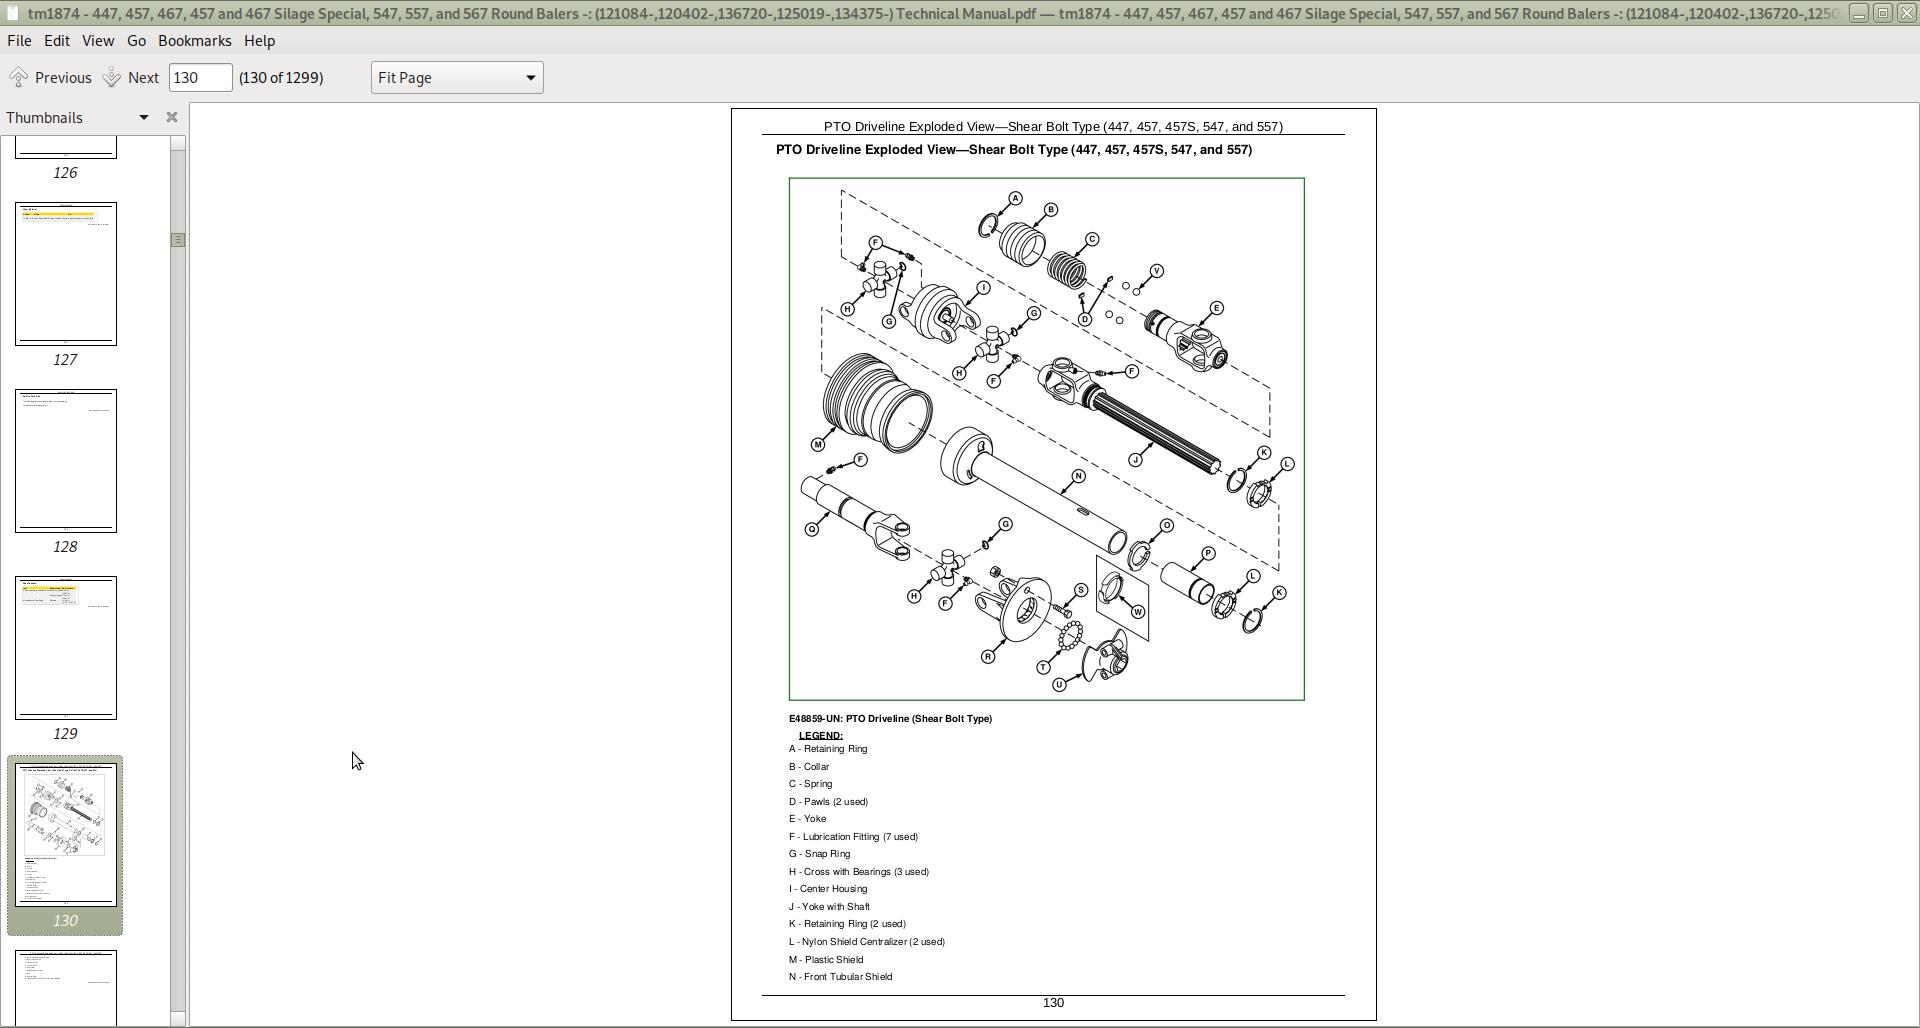 John Deere 447, 457, 467 Silage Special, 547, 557, 567 Round Balers Repair  Service Manual (TM1874)   A++ Repair Manual StoreA++ Repair Manual Store